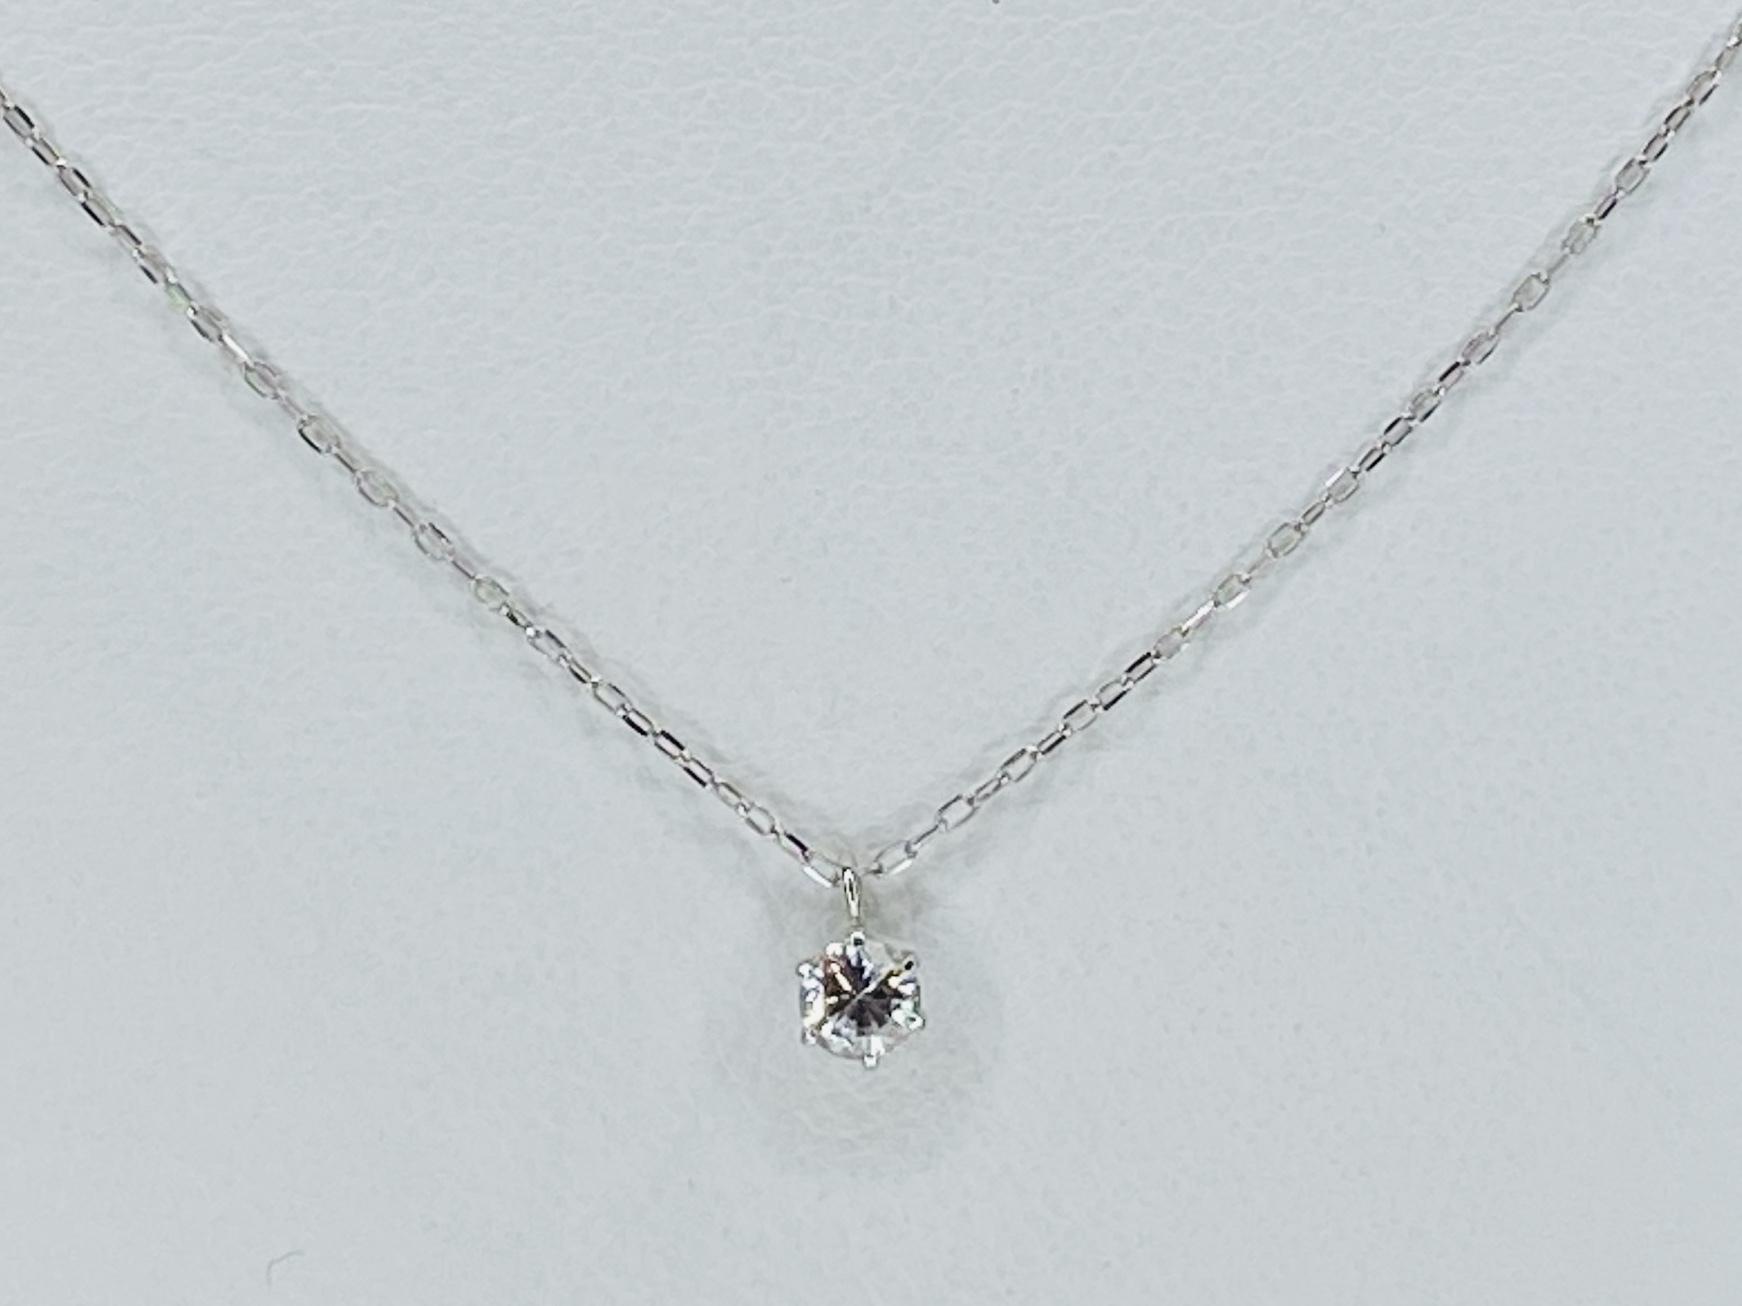 K18WG 0.1ct ダイヤモンドネックレス ○